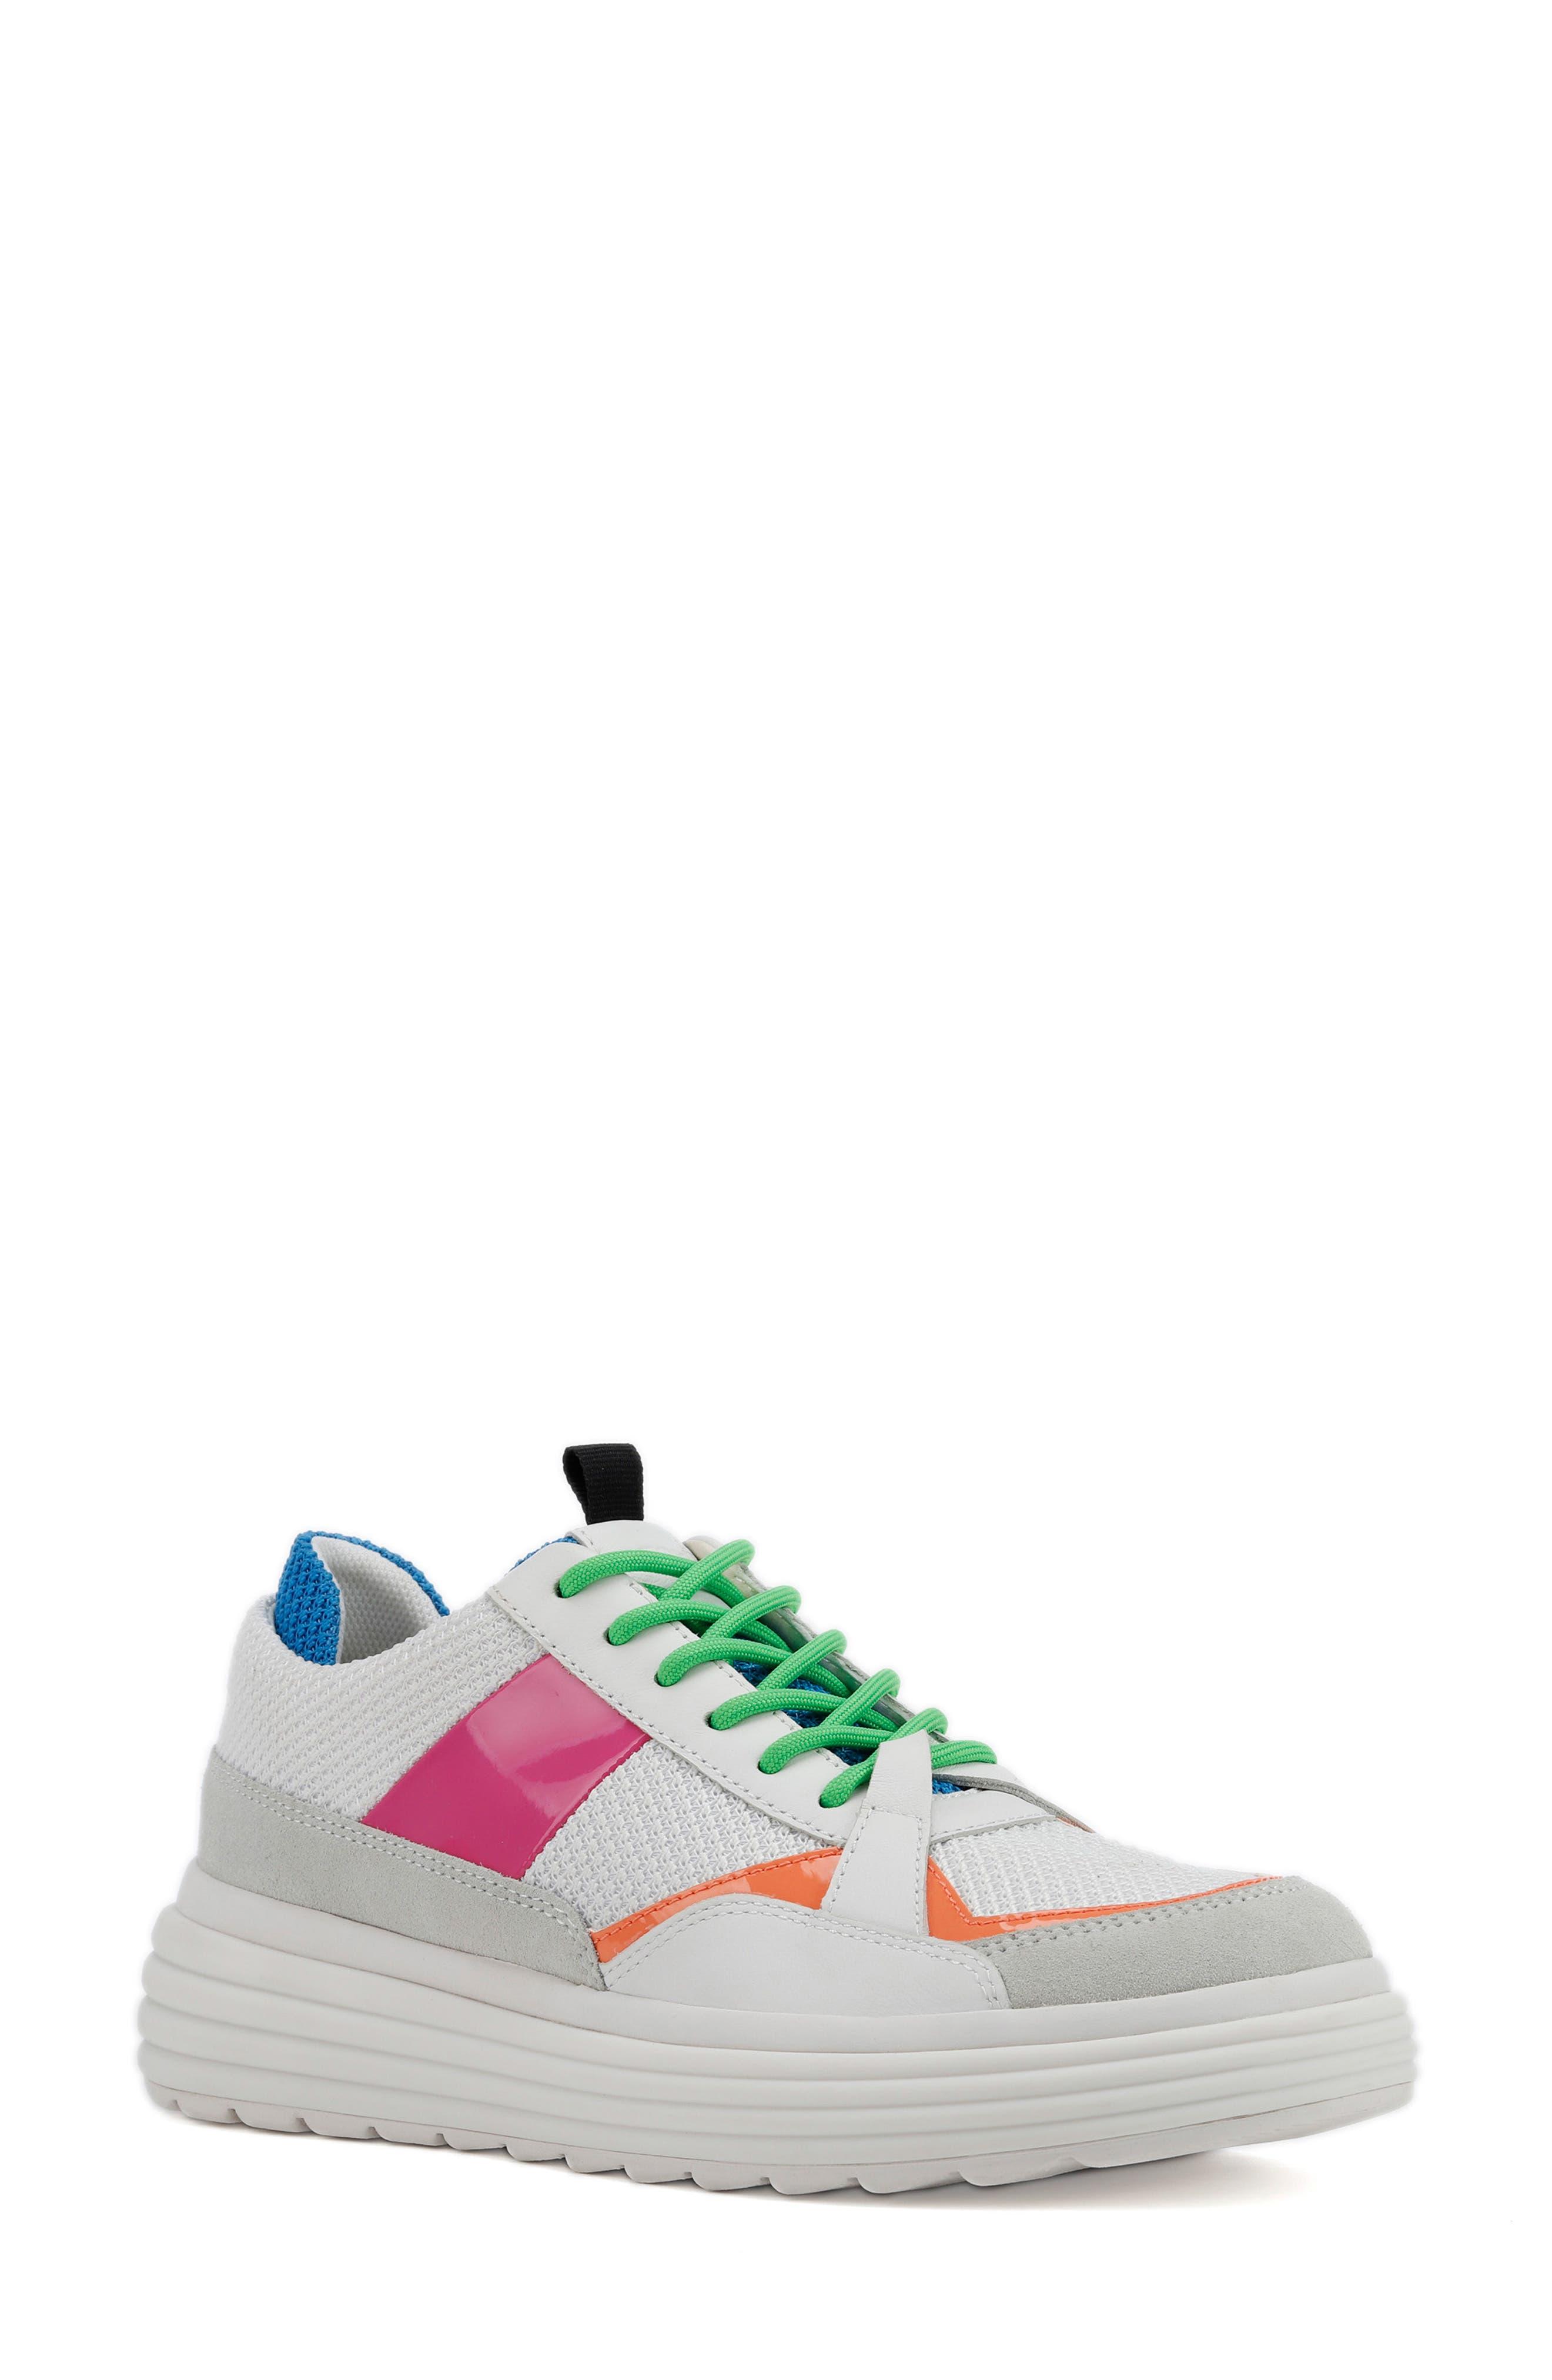 Image of GEOX Phaolae Sneaker